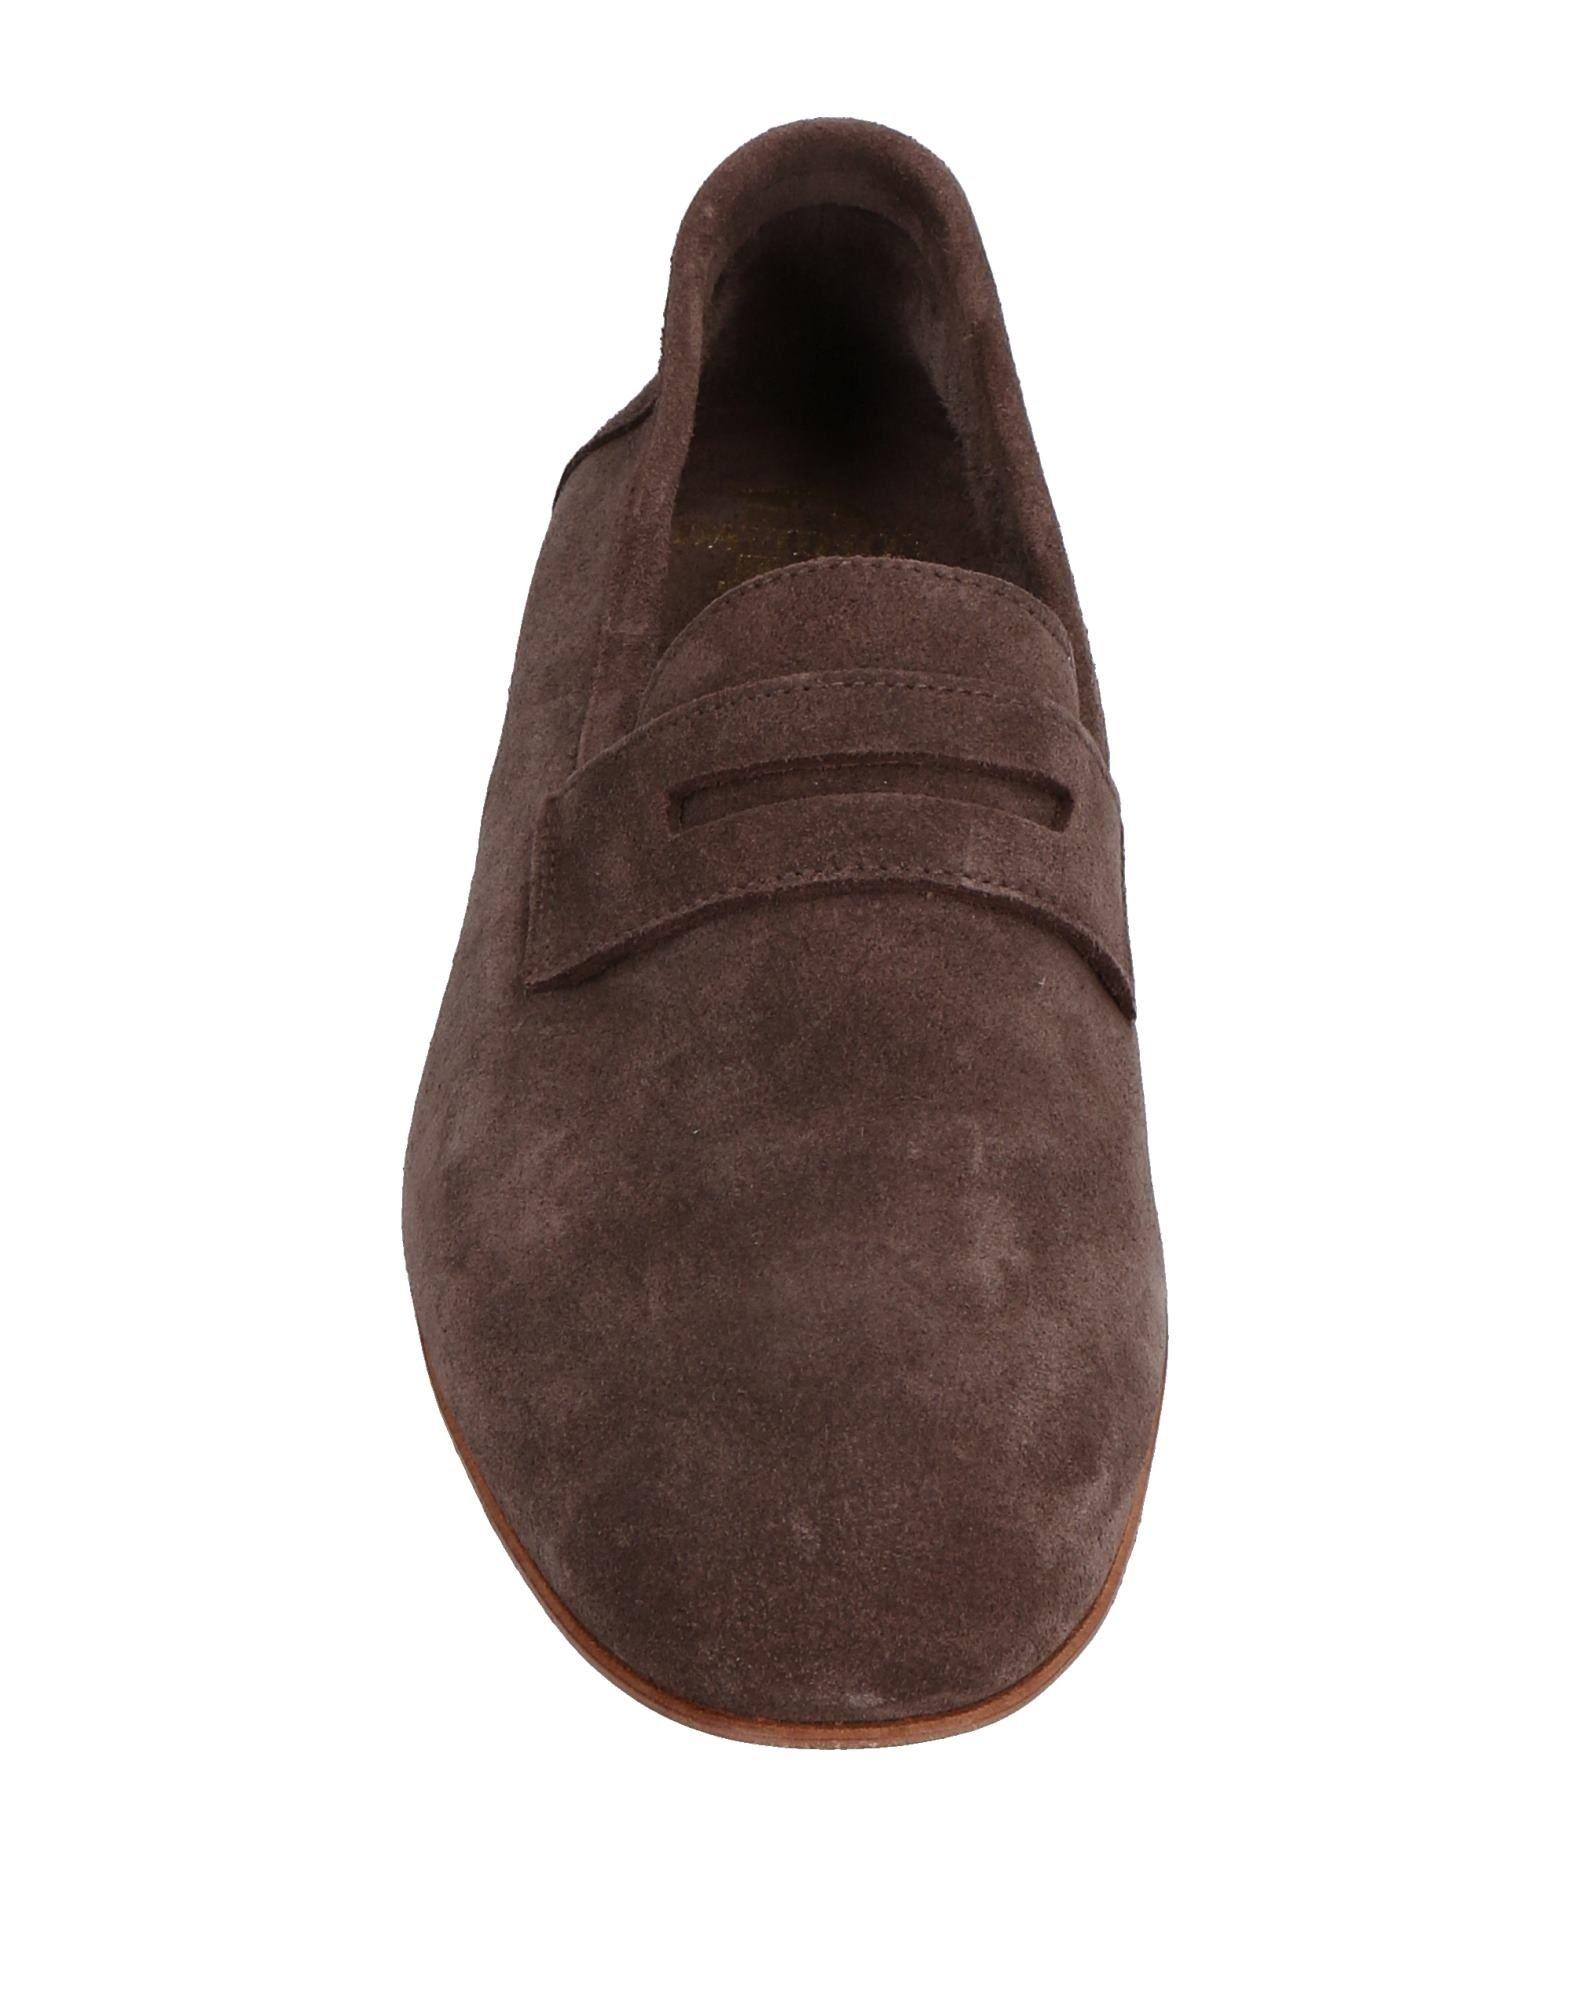 Rabatt echte Schuhe Herren Davidson Mokassins Herren Schuhe  11519886TG 6e6915